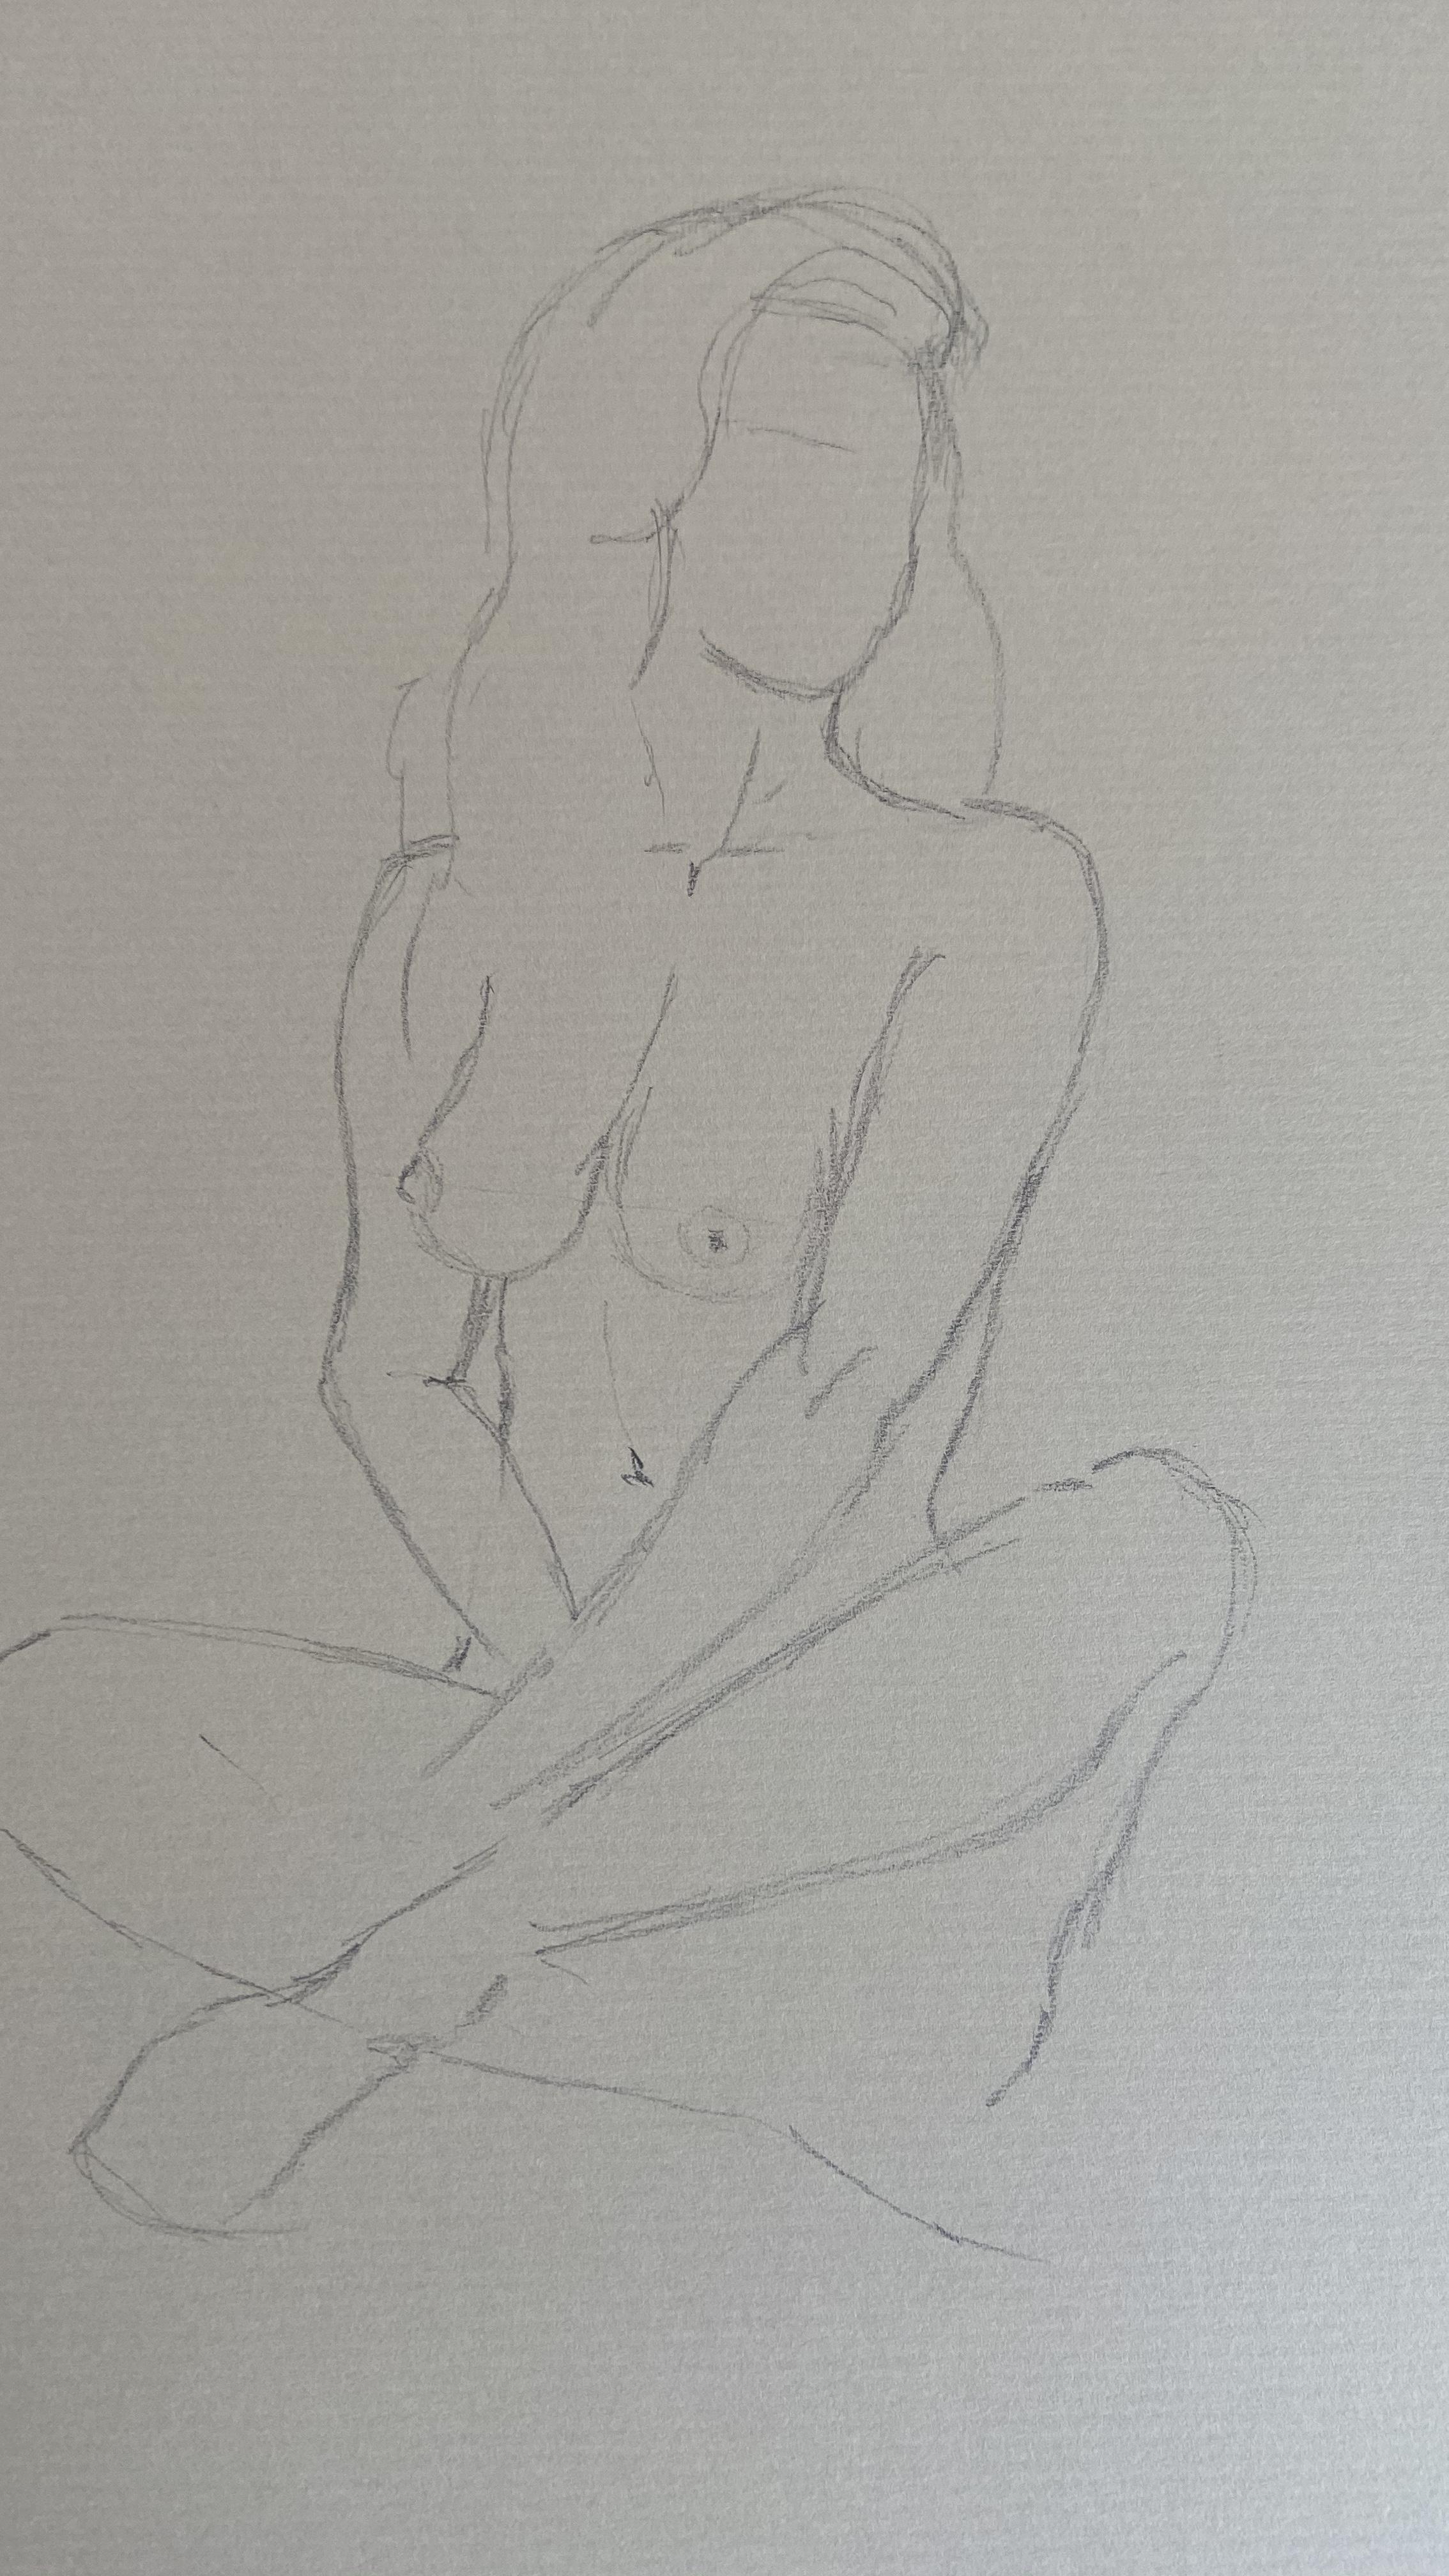 Dessin au trait  graphite modèle assis  cours de dessin